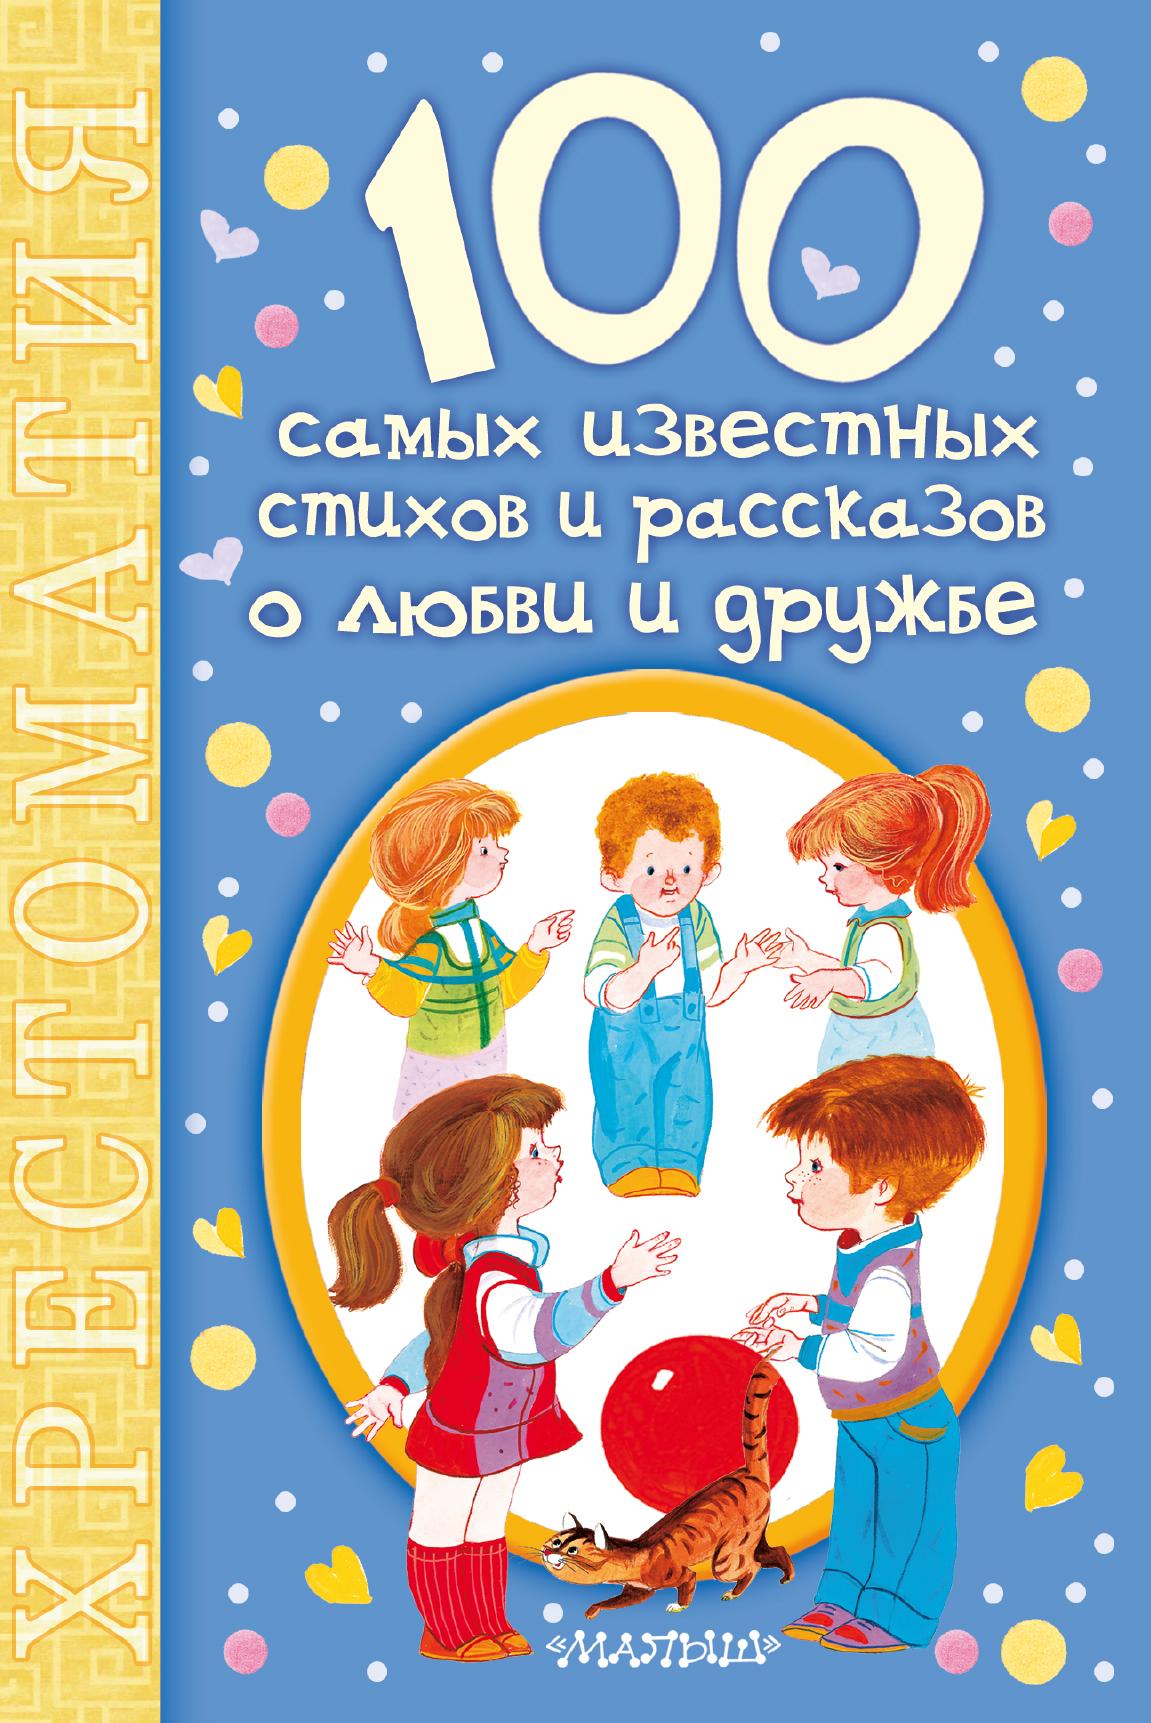 Купить Книга 100 Самых Известных Стихов и Рассказов о любви и Дружбе, АСТ, Книги по обучению и развитию детей